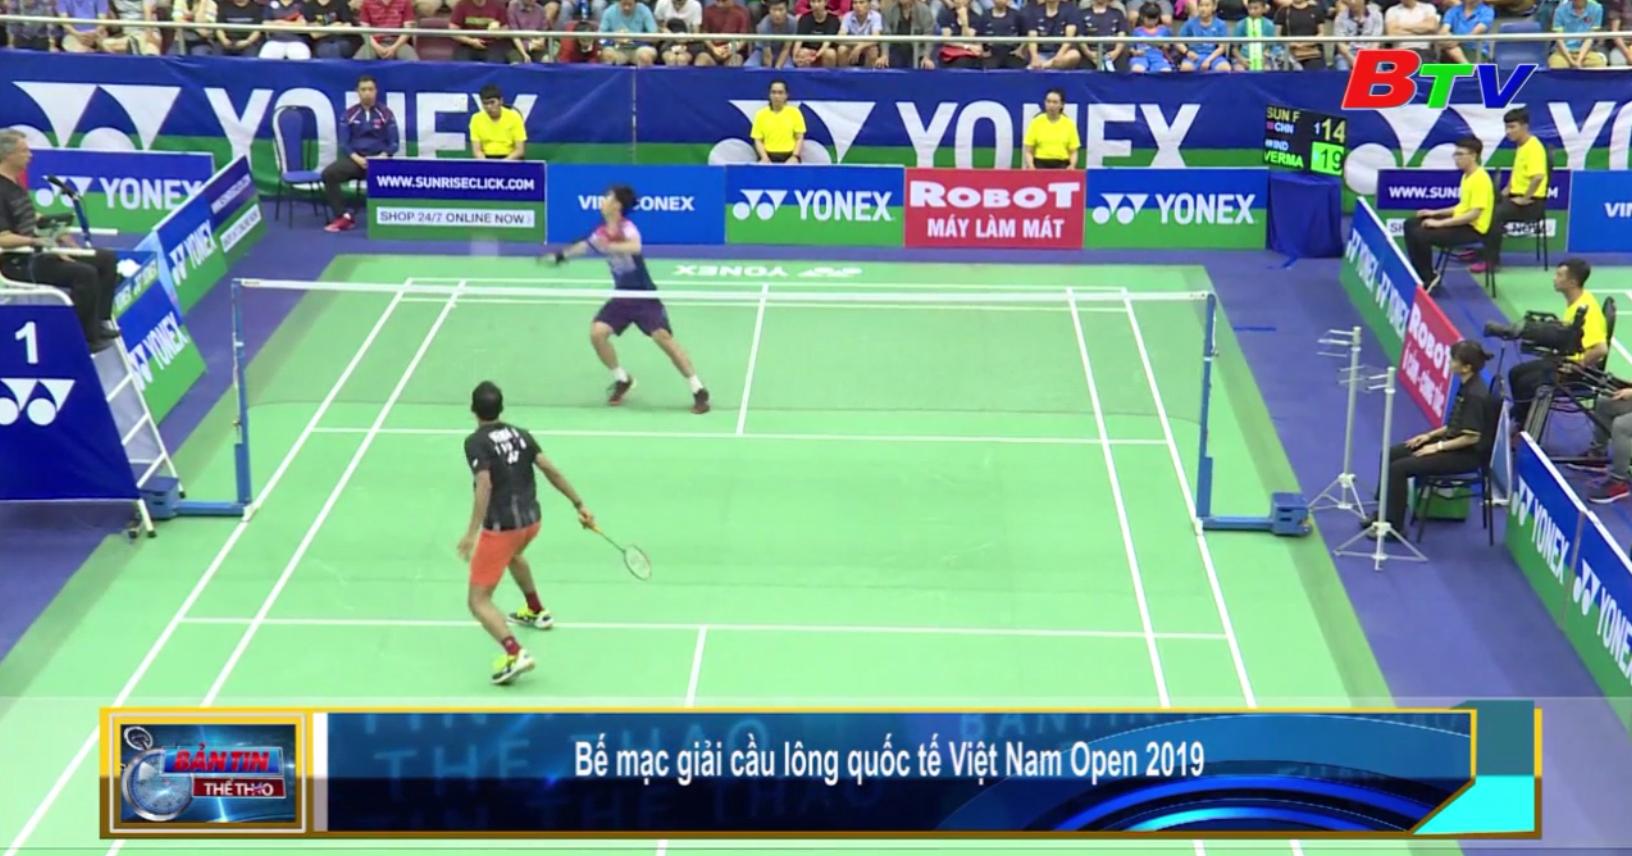 Bế mạc Giải cầu lông quốc tế Việt Nam Open 2019